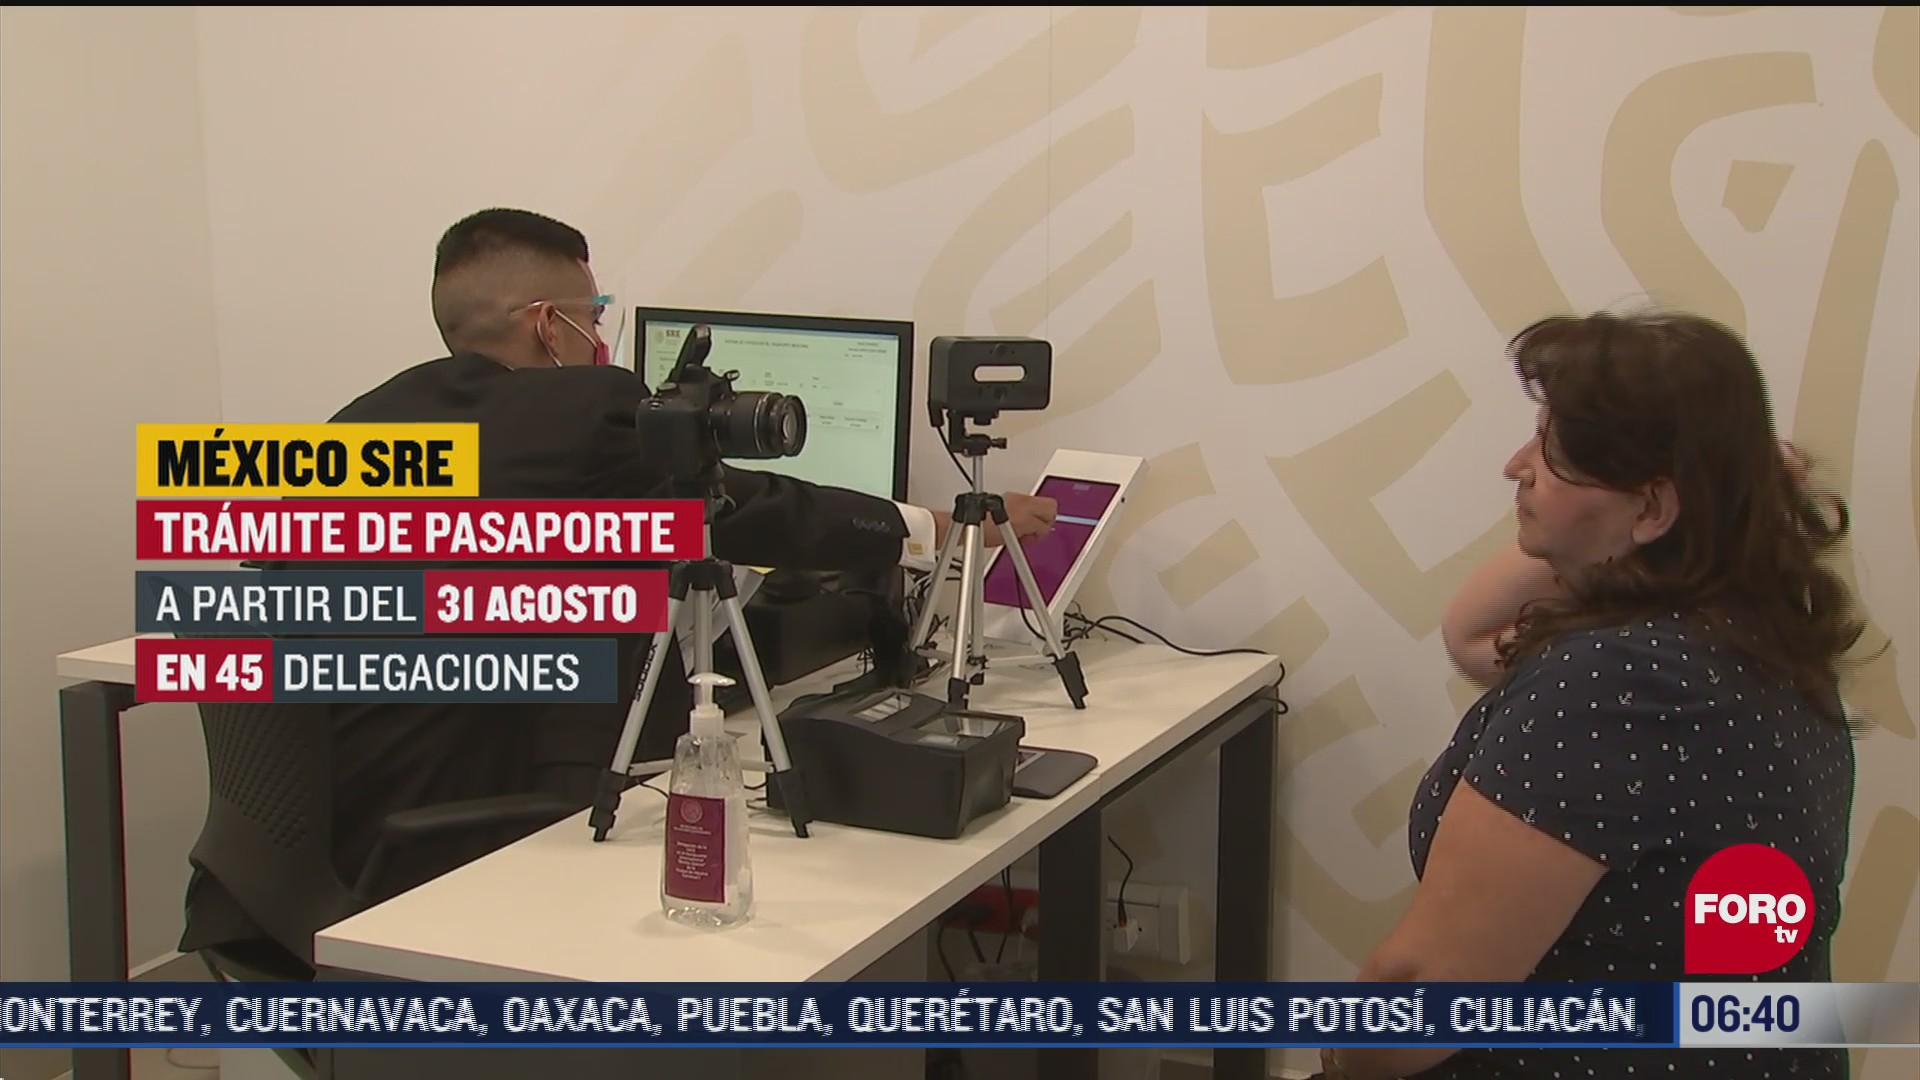 paginas fraudulentas de cdmx tramitan supuestamente pasaportes